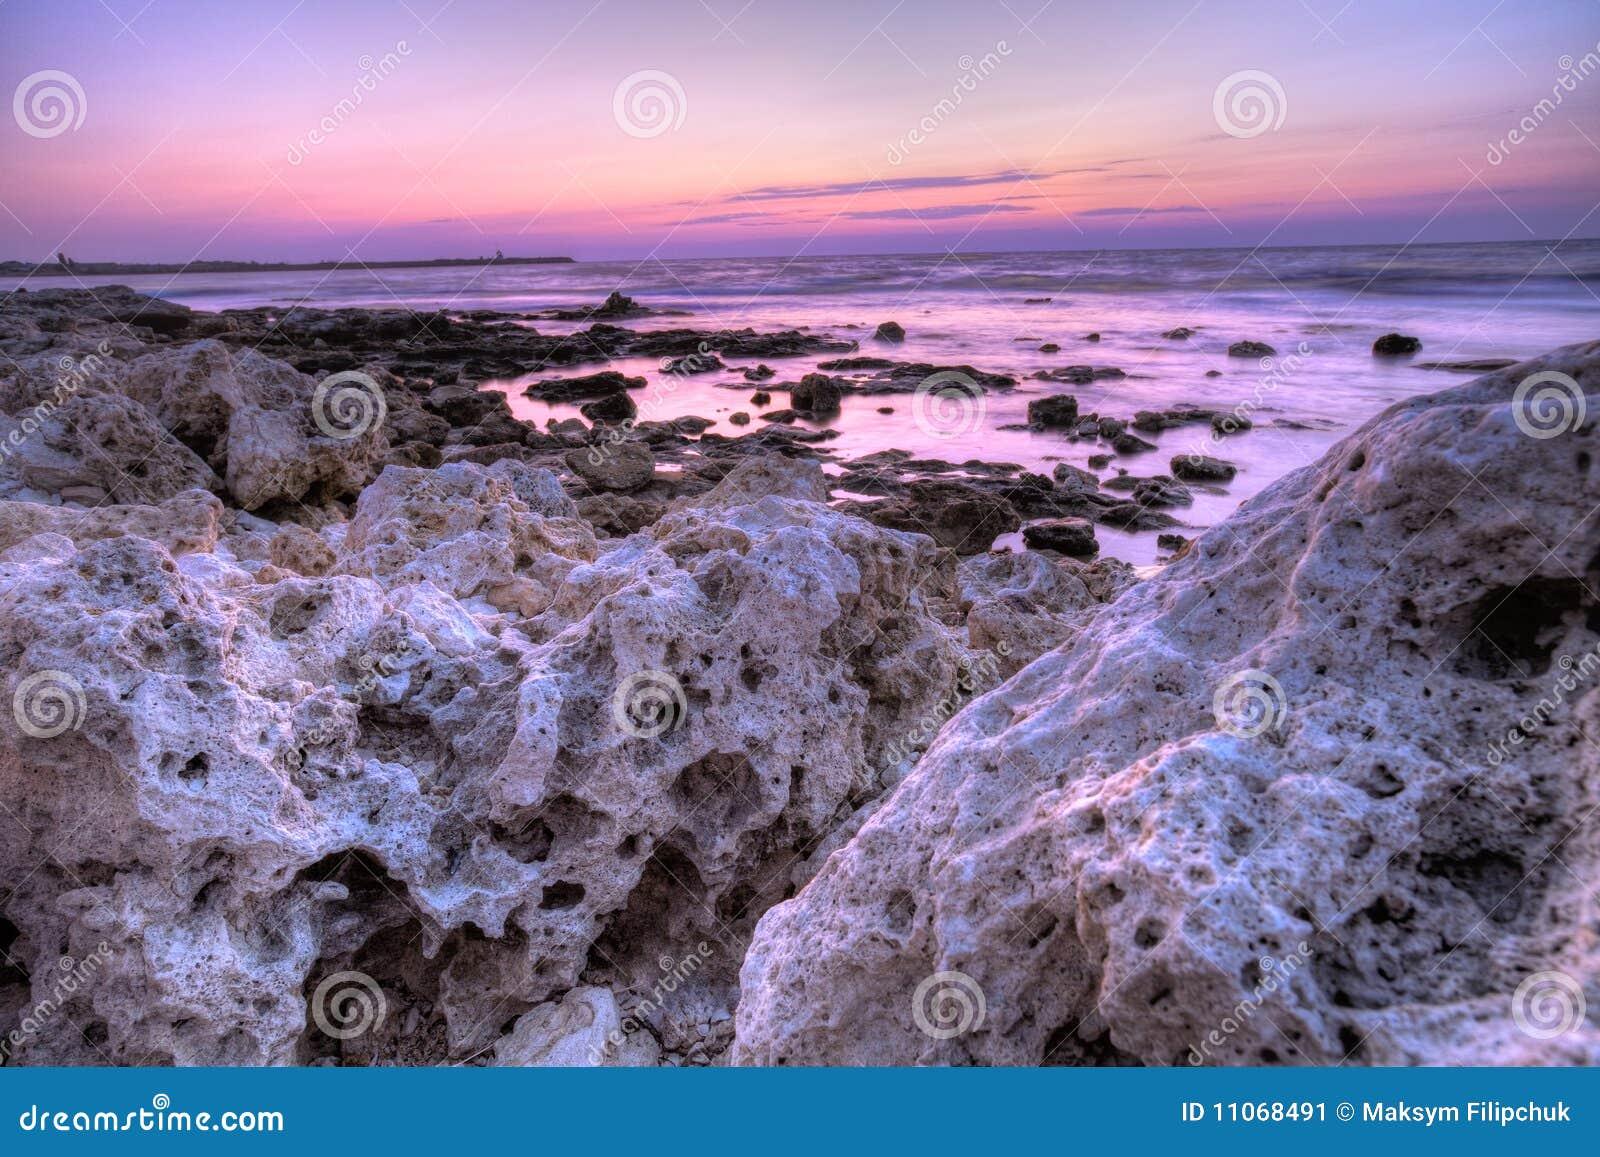 on stones ocean - photo #6